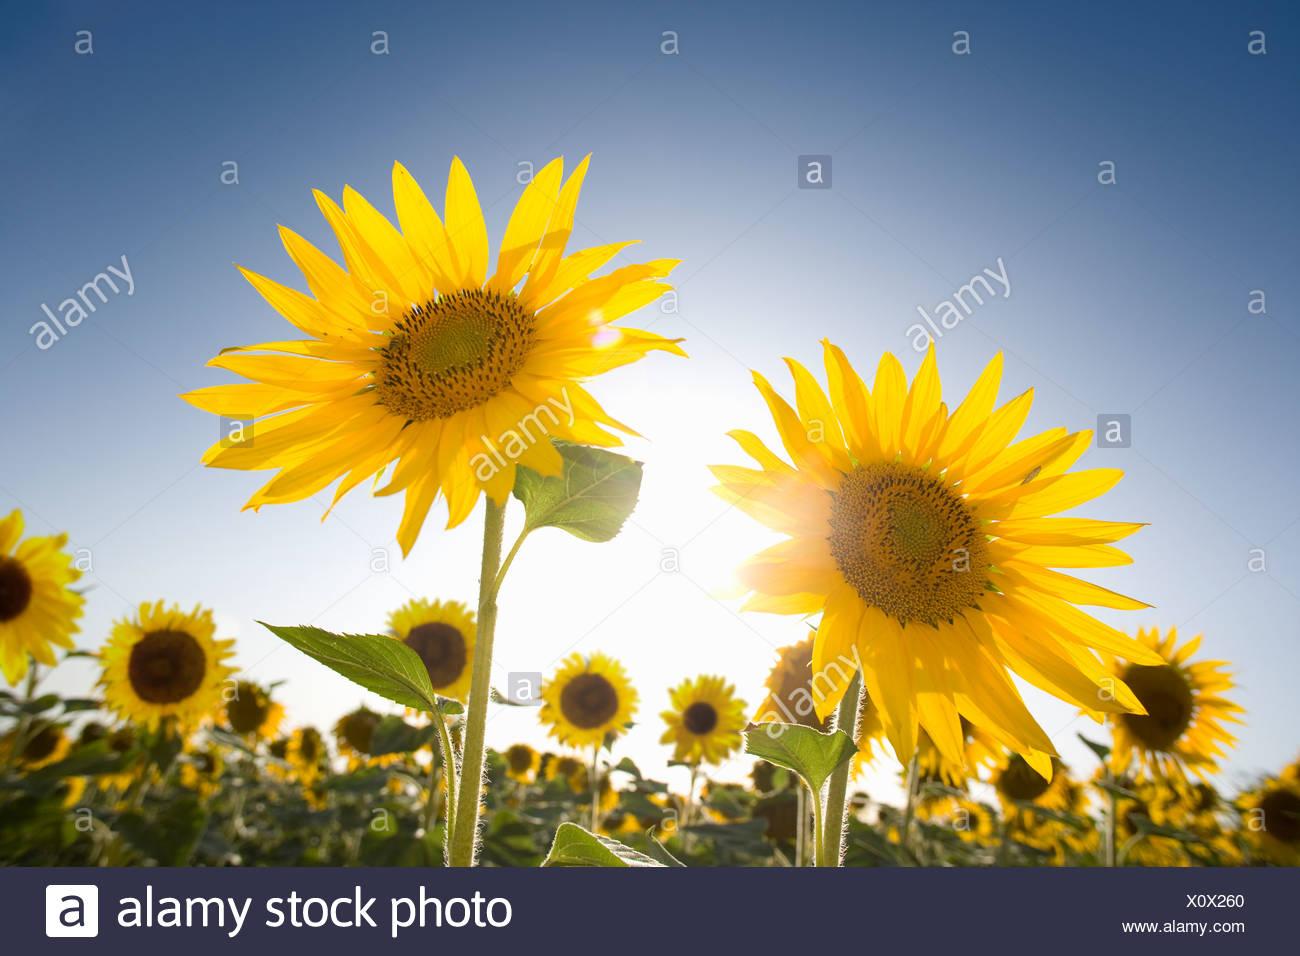 El sol brillando en el cielo azul detrás de vibrante girasoles en el campo Imagen De Stock